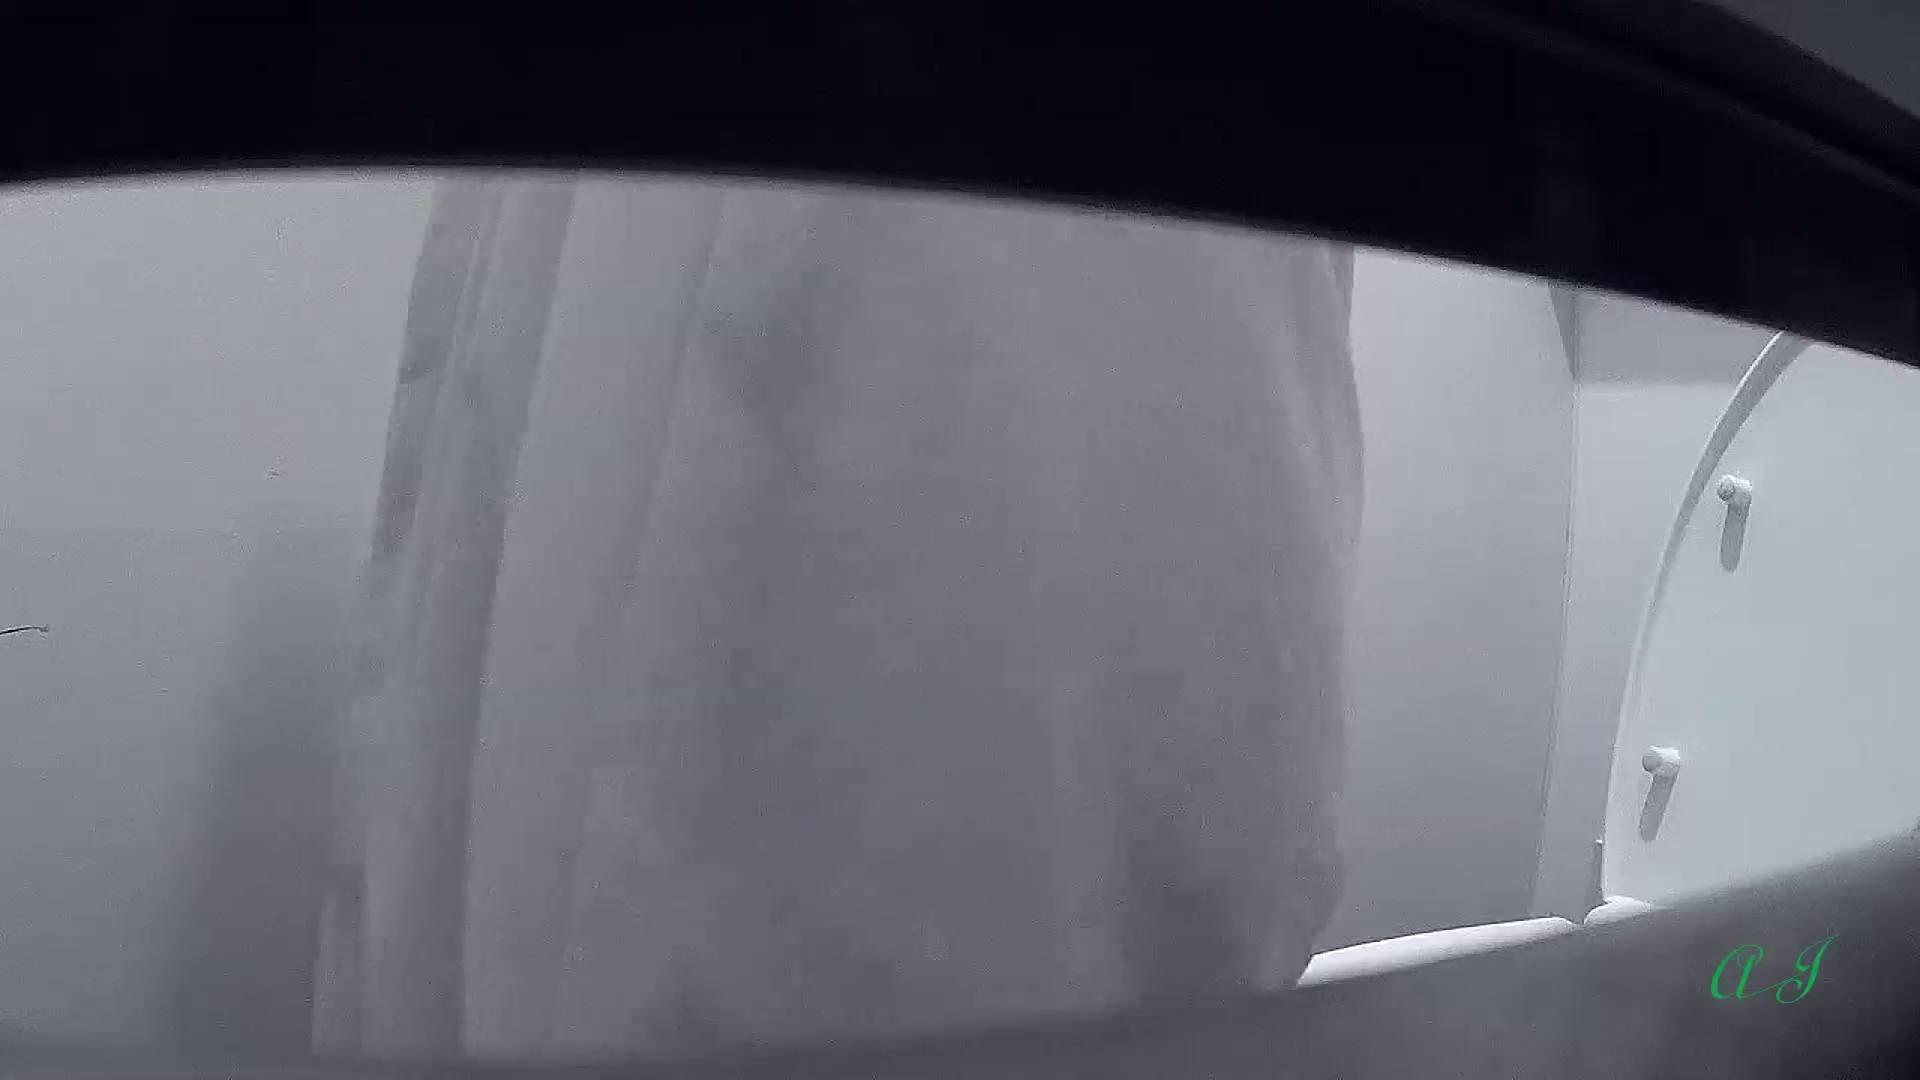 有名大学女性洗面所 vol.64 圧巻!総勢8名全員美女ばかり!! HなOL オマンコ無修正動画無料 91pic 11